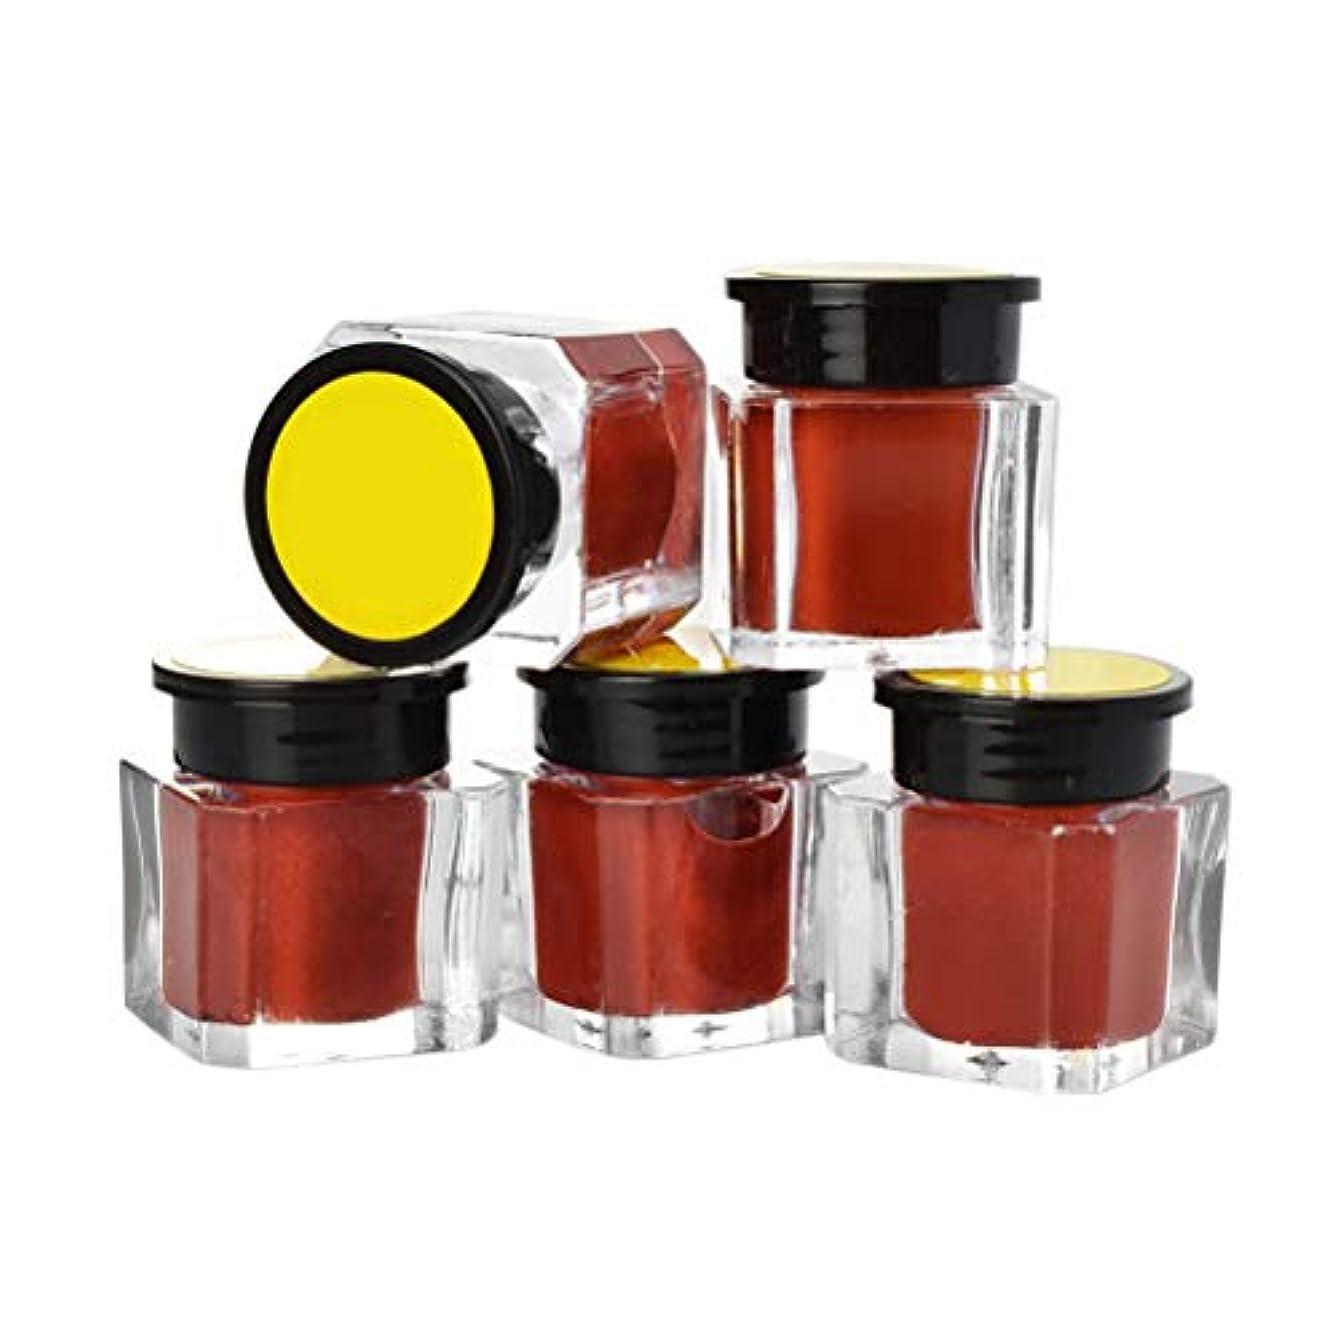 の前でアンテナ命令SUPVOX 5本タトゥー顔料インク眉アイライナーボディーアート塗料マイクロブレード色(コーヒー)